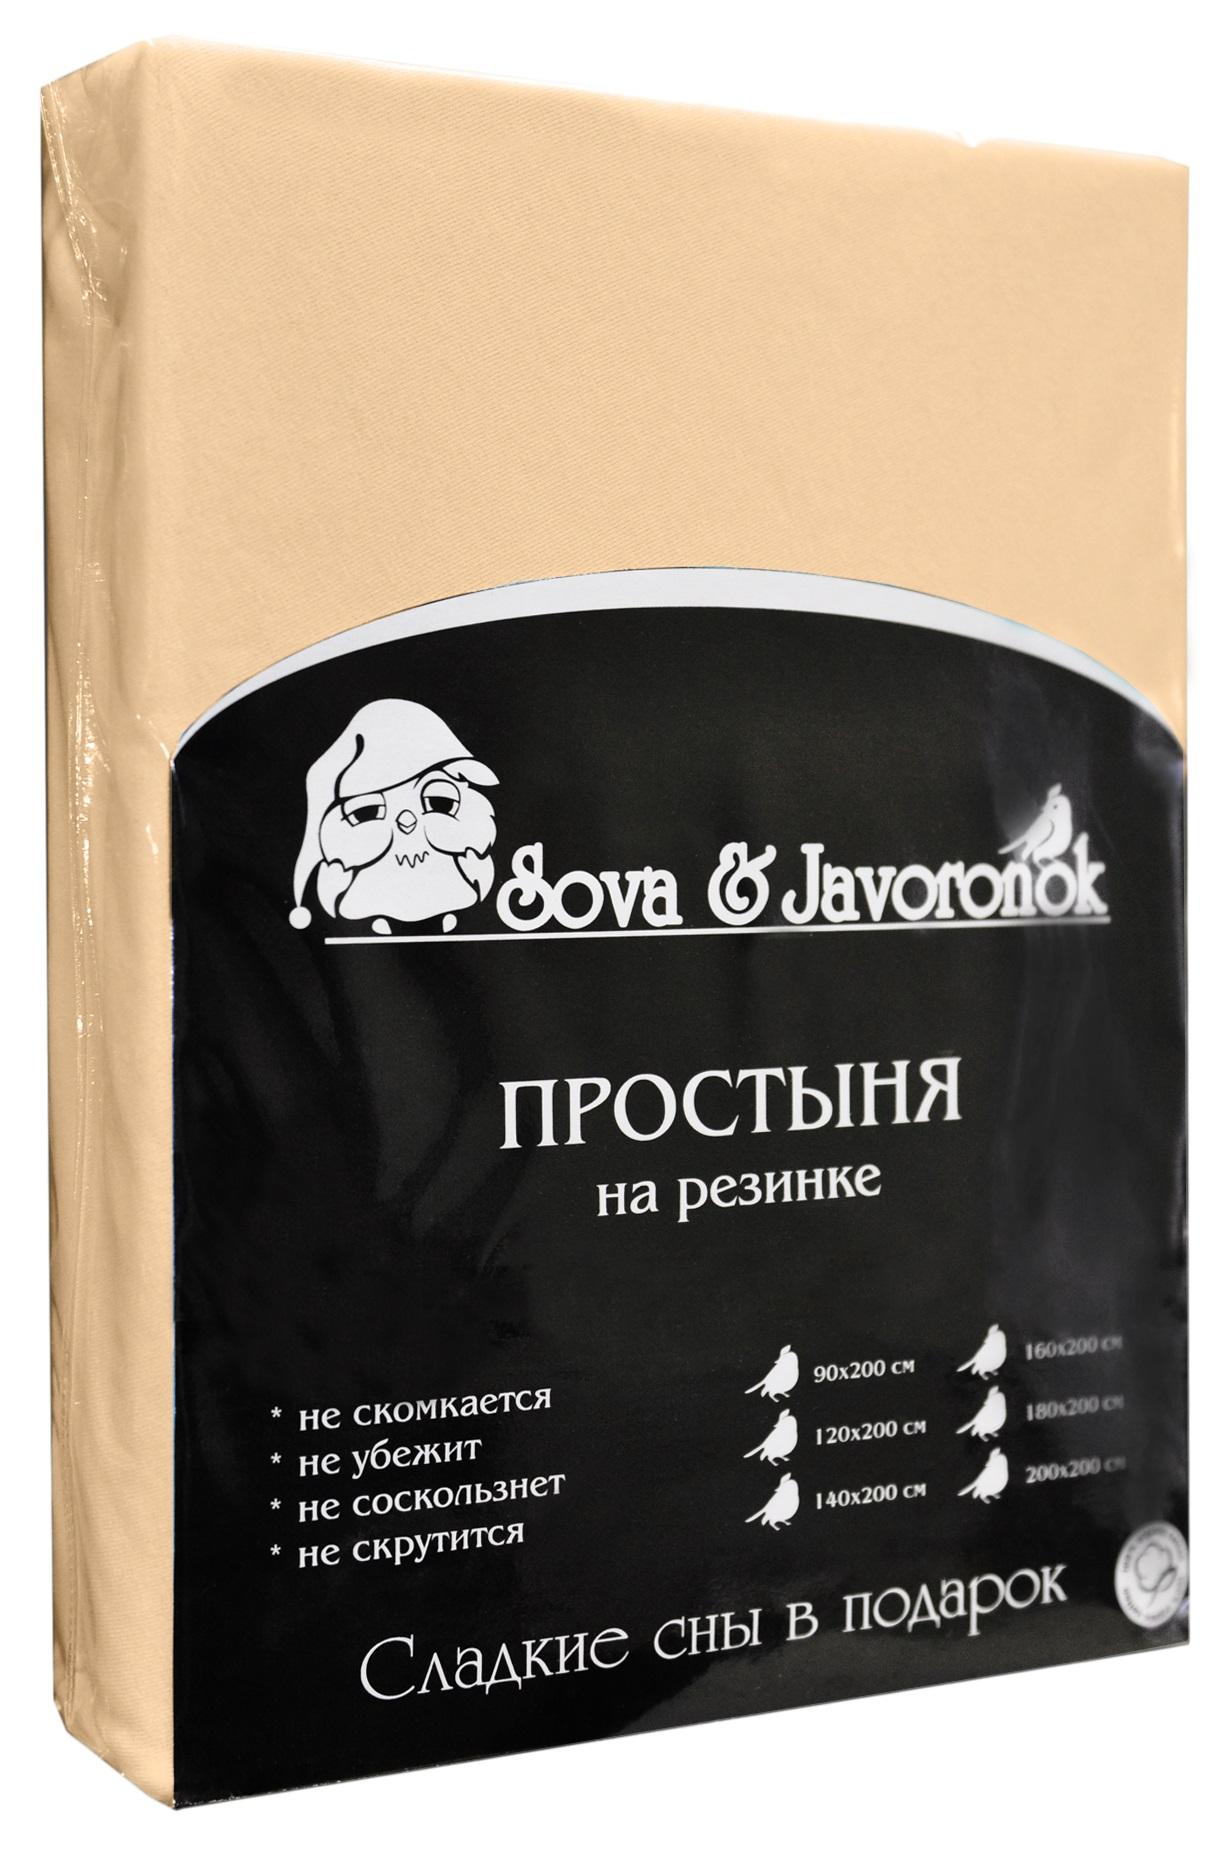 Простыня на резинке Sova & Javoronok, цвет: светло-бежевый, 160 х 200 см531-103Простыня на резинке Sova & Javoronok, изготовленная из трикотажной ткани (100% хлопок), будет превосходно смотреться с любыми комплектами белья. Хлопчатобумажный трикотаж по праву считается одним из самых качественных, прочных и при этом приятных на ощупь. Его гигиеничность позволяет использовать простыню и в детских комнатах, к тому же 100%-ый хлопок в составе ткани не вызовет аллергии. У трикотажного полотна очень интересная структура, немного рыхлая за счет отсутствия плотного переплетения нитей и наличия особых петель, благодаря этому простыня Сова и Жаворонок отлично пропускает воздух и способствует его постоянной циркуляции. Поэтому ваша постель будет всегда оставаться свежей. Но главное и, пожалуй, самое известное свойство трикотажа - это его великолепная растяжимость, поэтому эта ткань и была выбрана для натяжной простыни на резинке.Простыня прошита резинкой по всему периметру, что обеспечивает более комфортный отдых, так как она прочно удерживается на матрасе и избавляет от необходимости часто поправлять простыню.